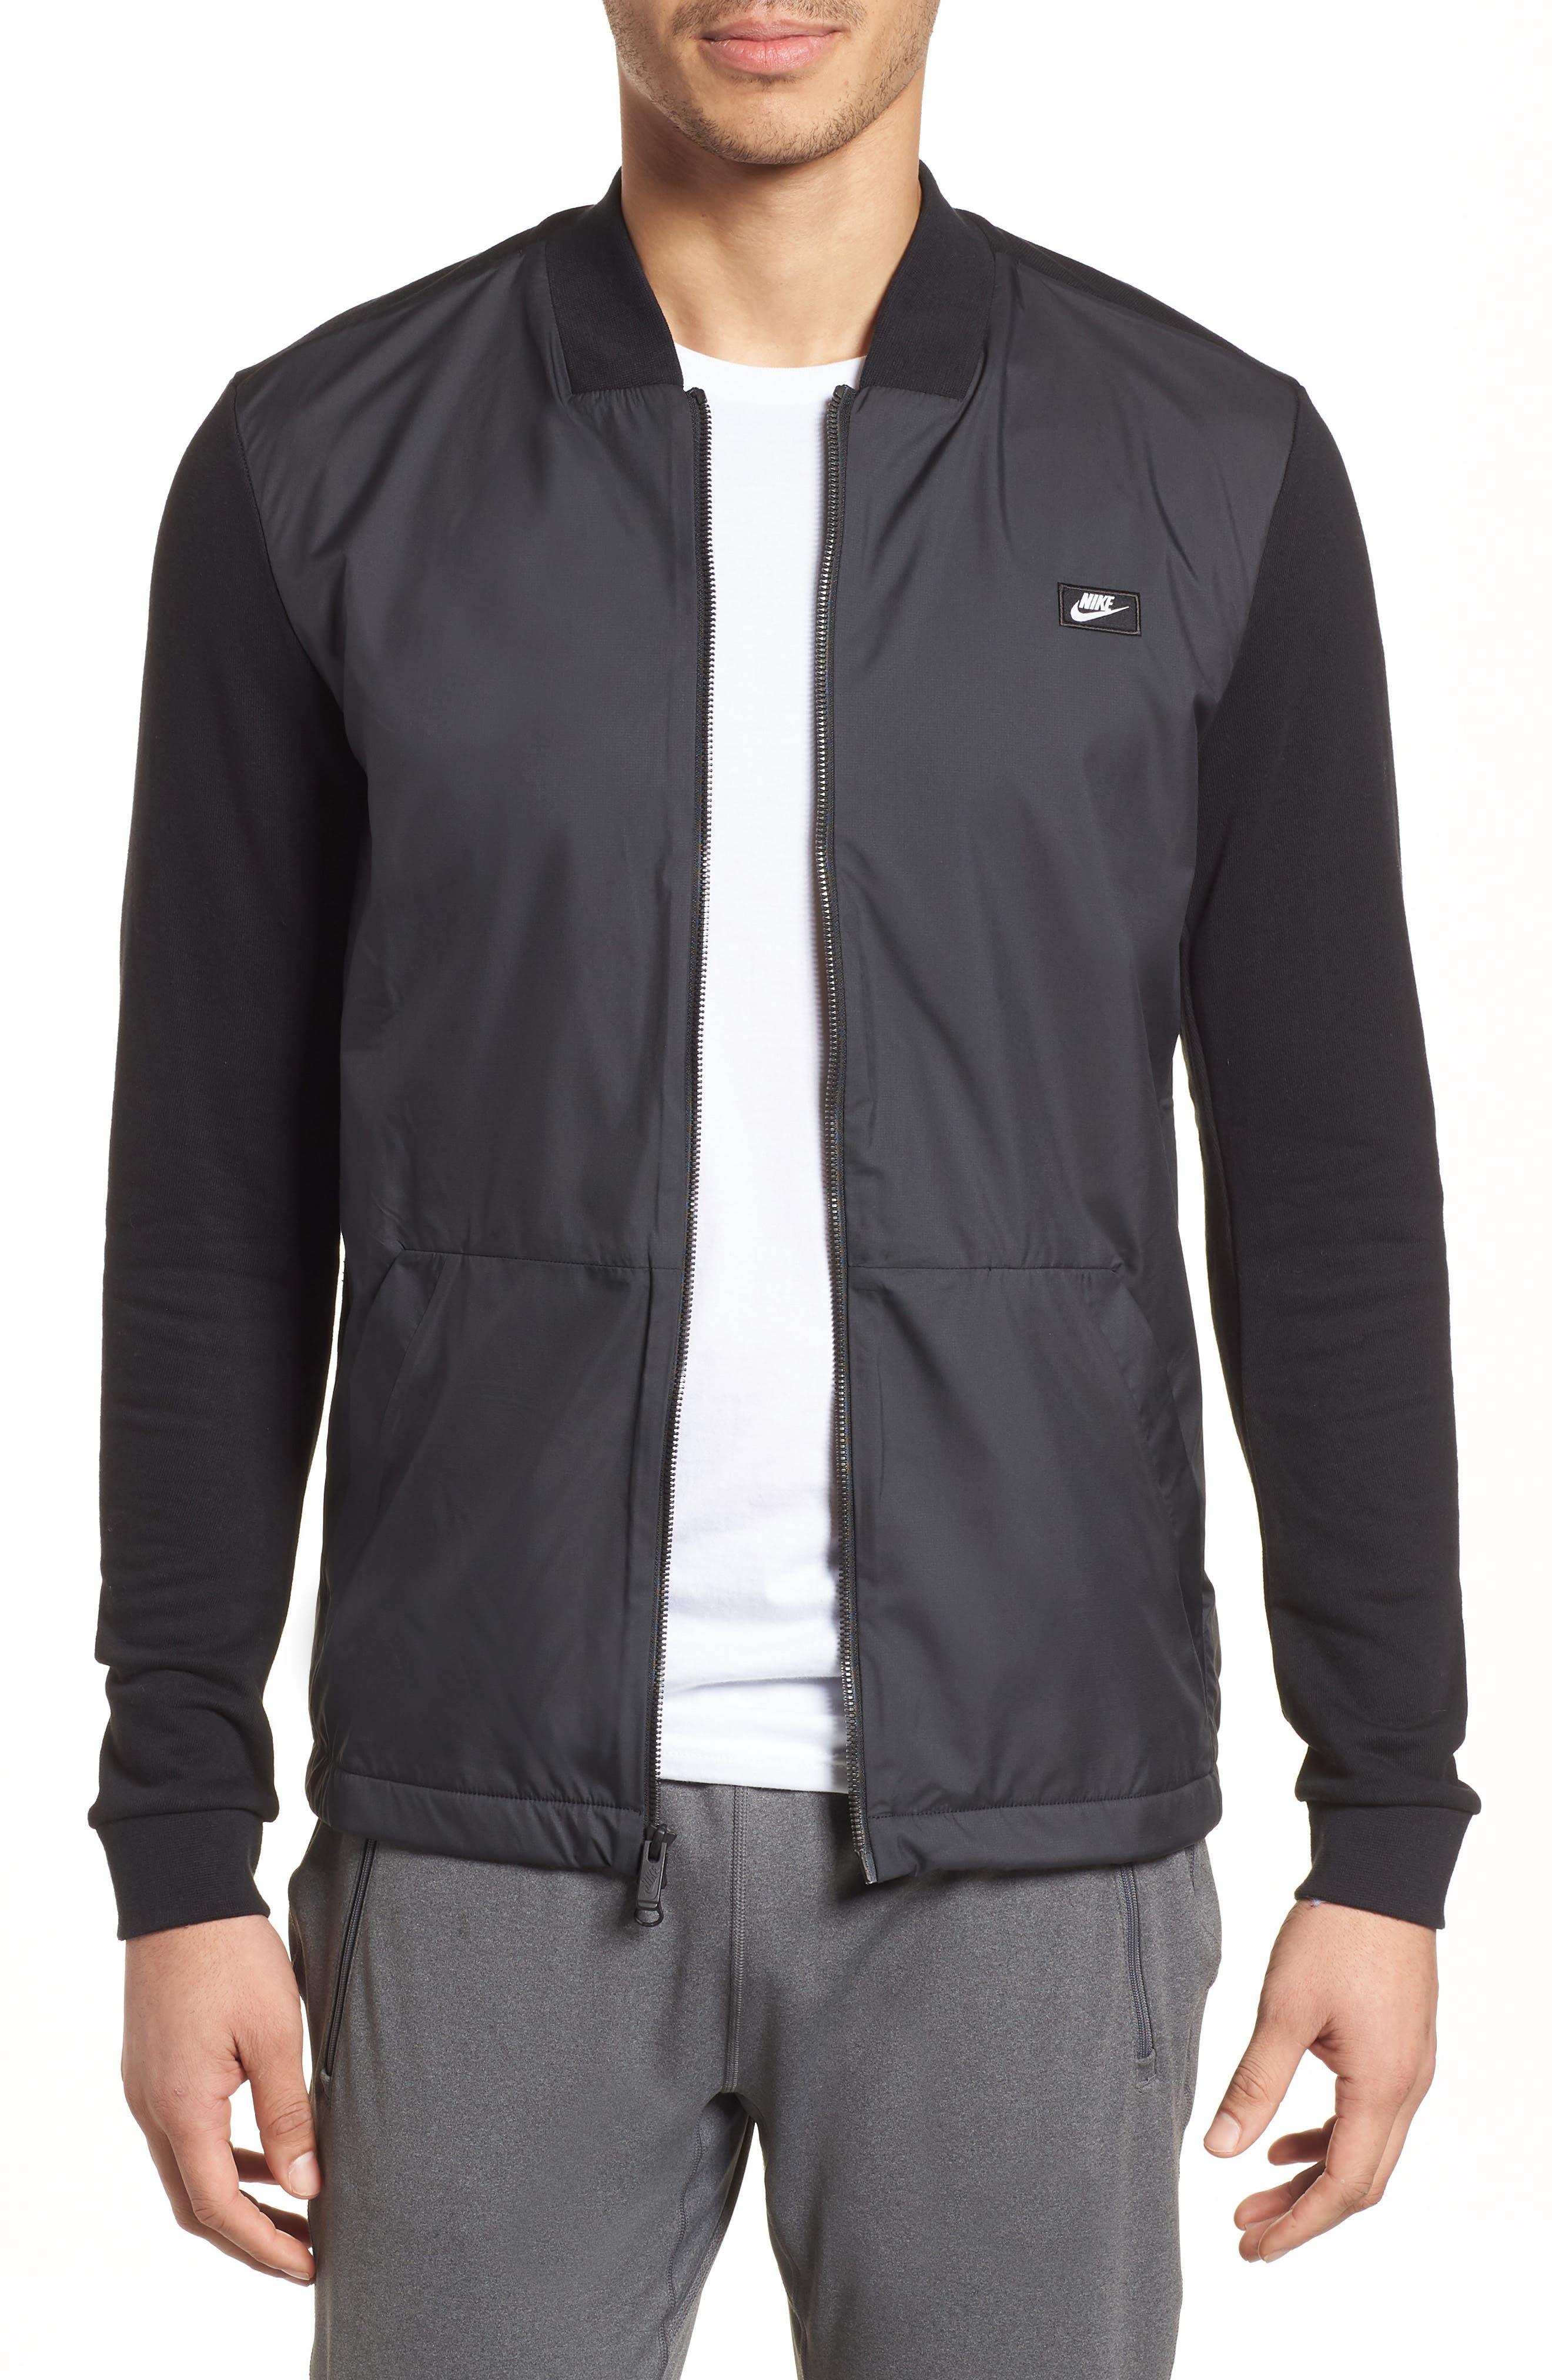 NSW Modern Track Jacket,                         Main,                         color, Black/ Black